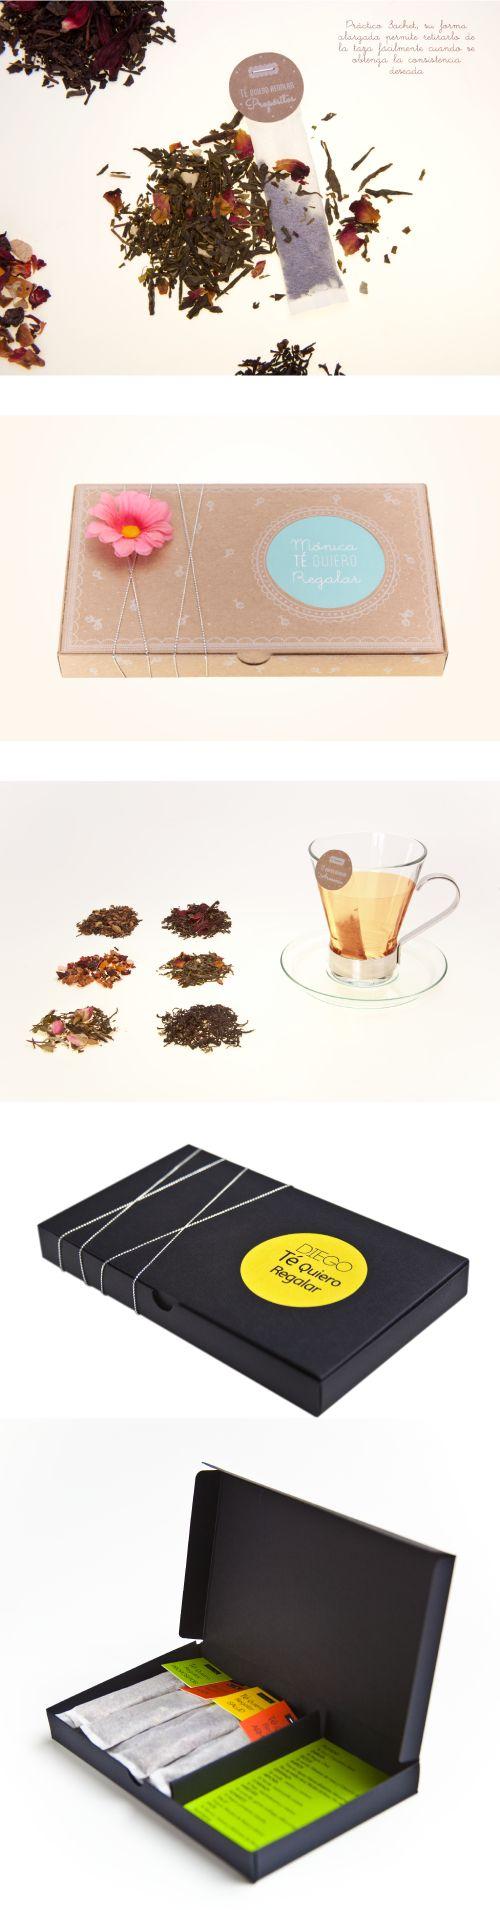 """Caja """"Te Quiero"""" Regalar  www.estudio201.com Diseño, dirección artística y  producción de pieza promocional empresarial edición limitada marca estudio 201. Contenido: 12 sachets con mensajes para el año nuevo, cada uno con un sabor de té diferente de acuerdo a la frase que contiene."""